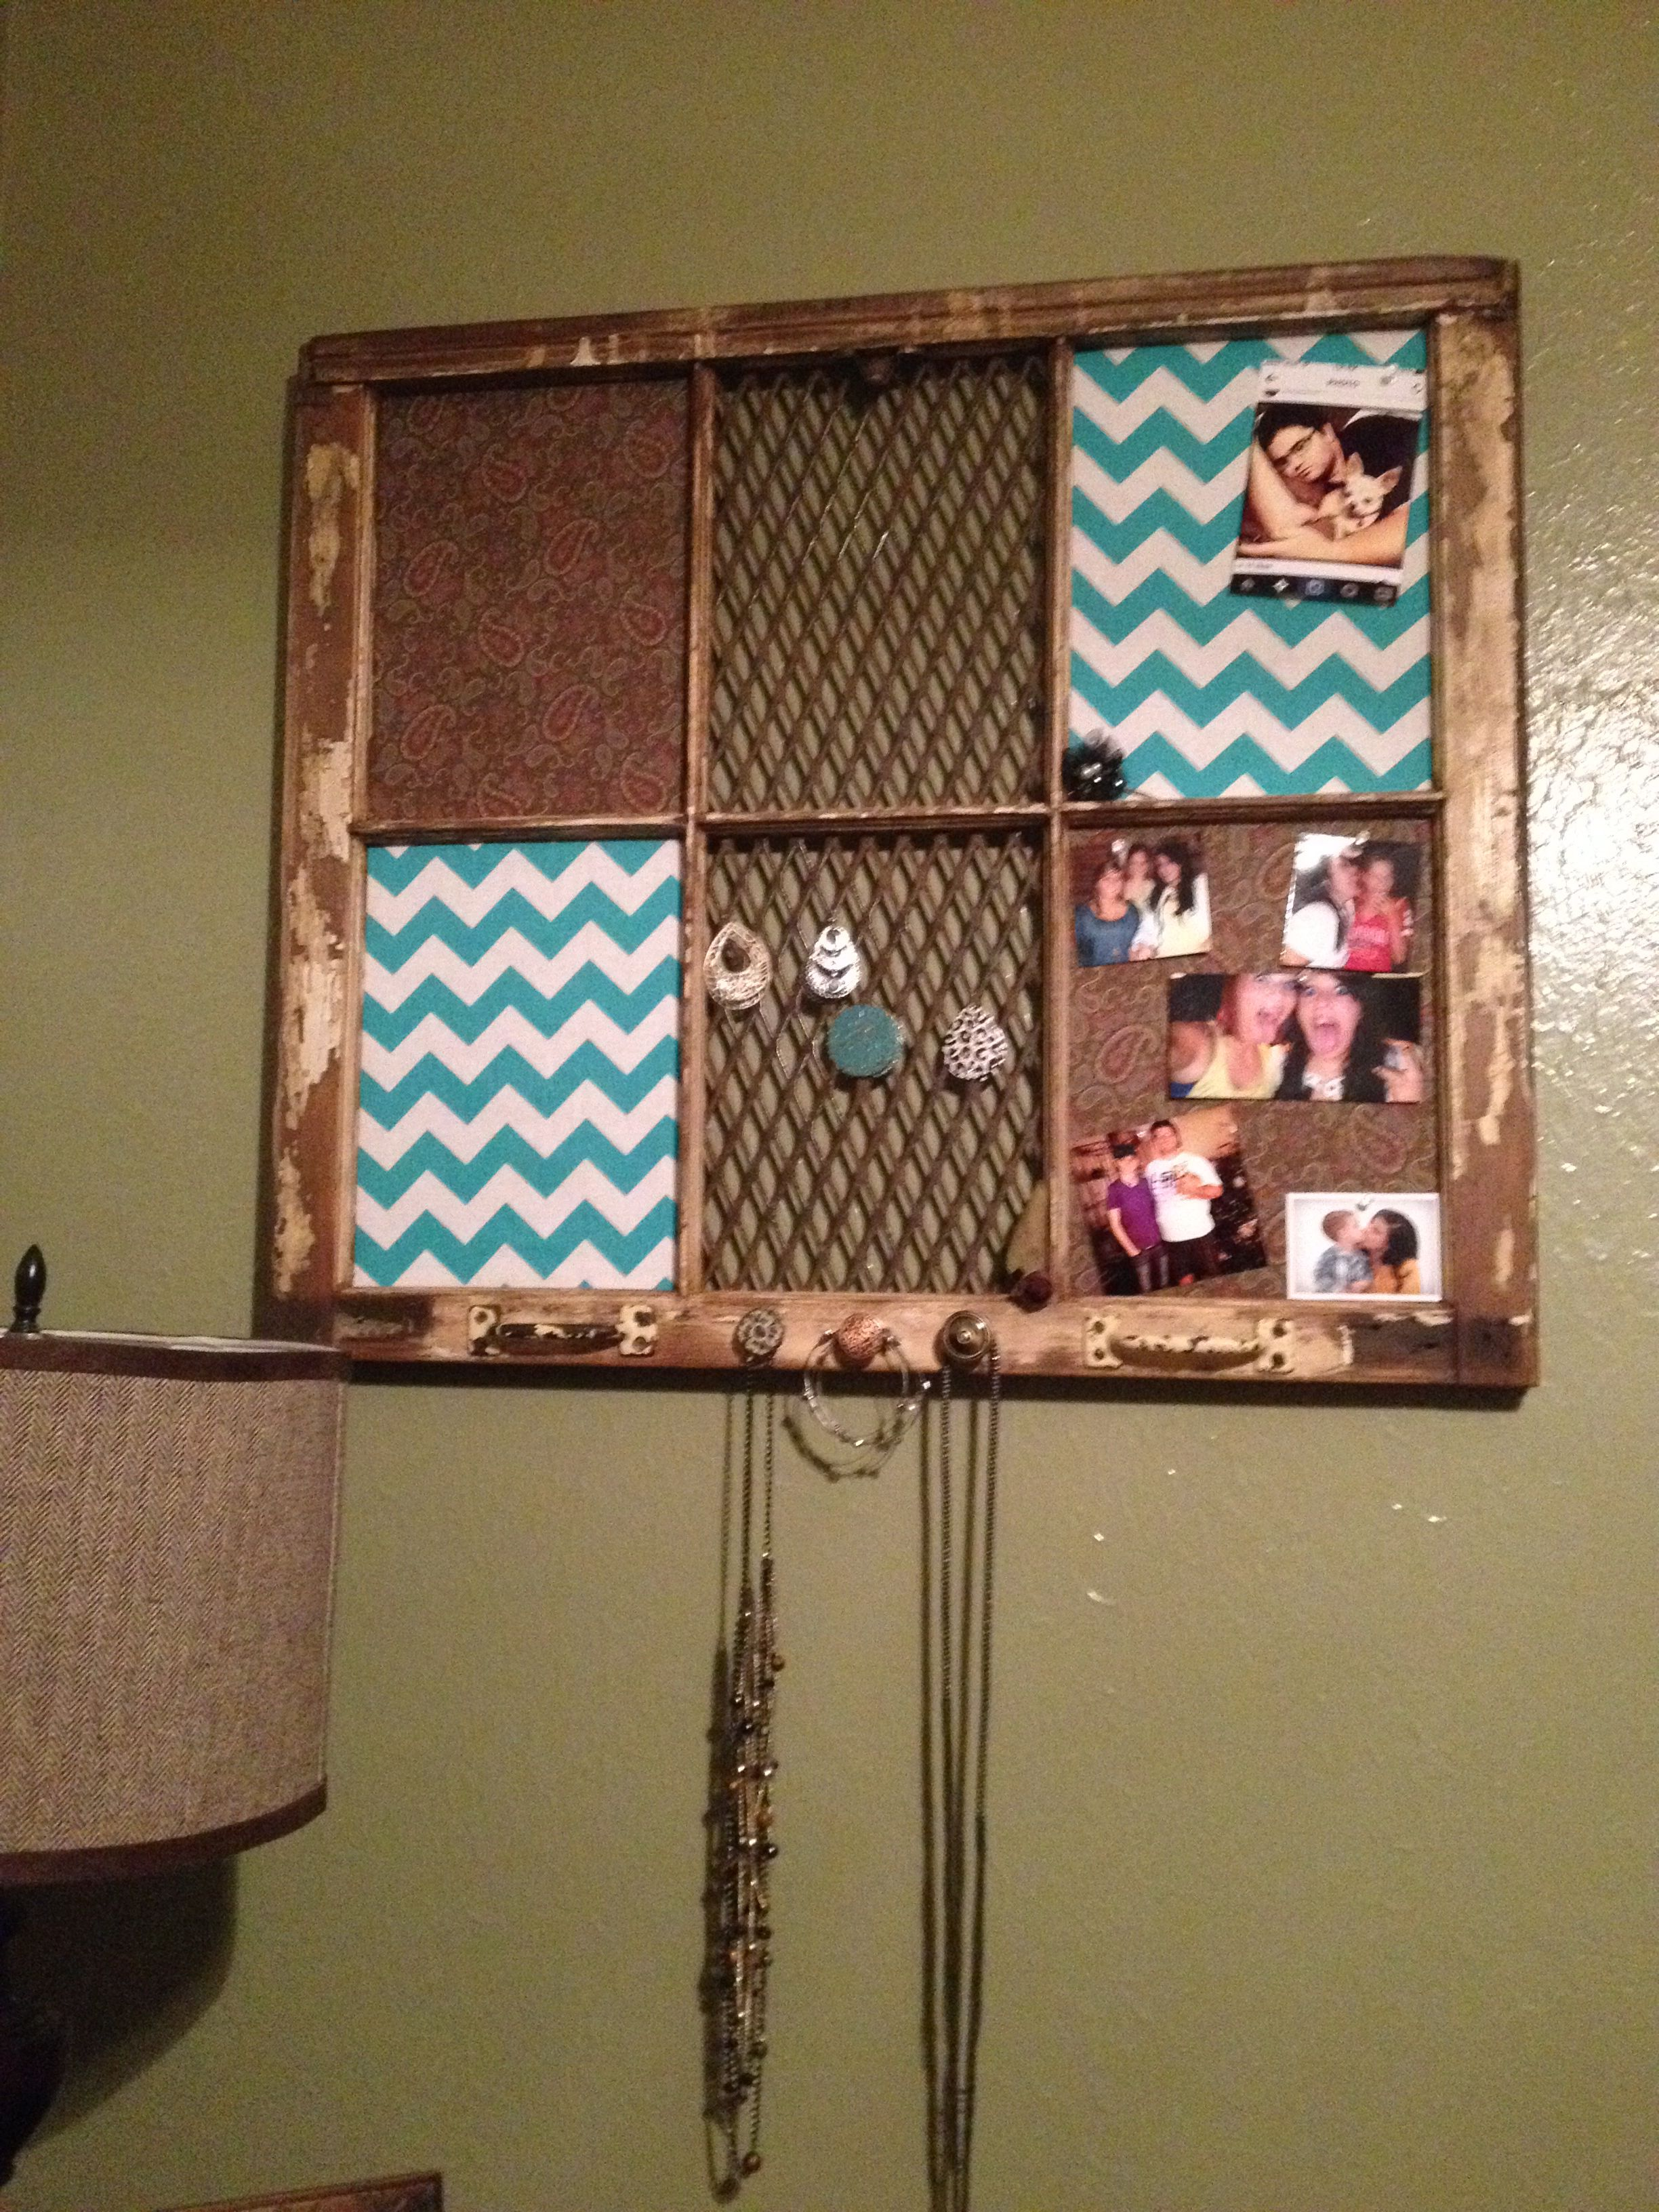 diy old window frame crafts diy home decor diy craft projects home crafts. Black Bedroom Furniture Sets. Home Design Ideas